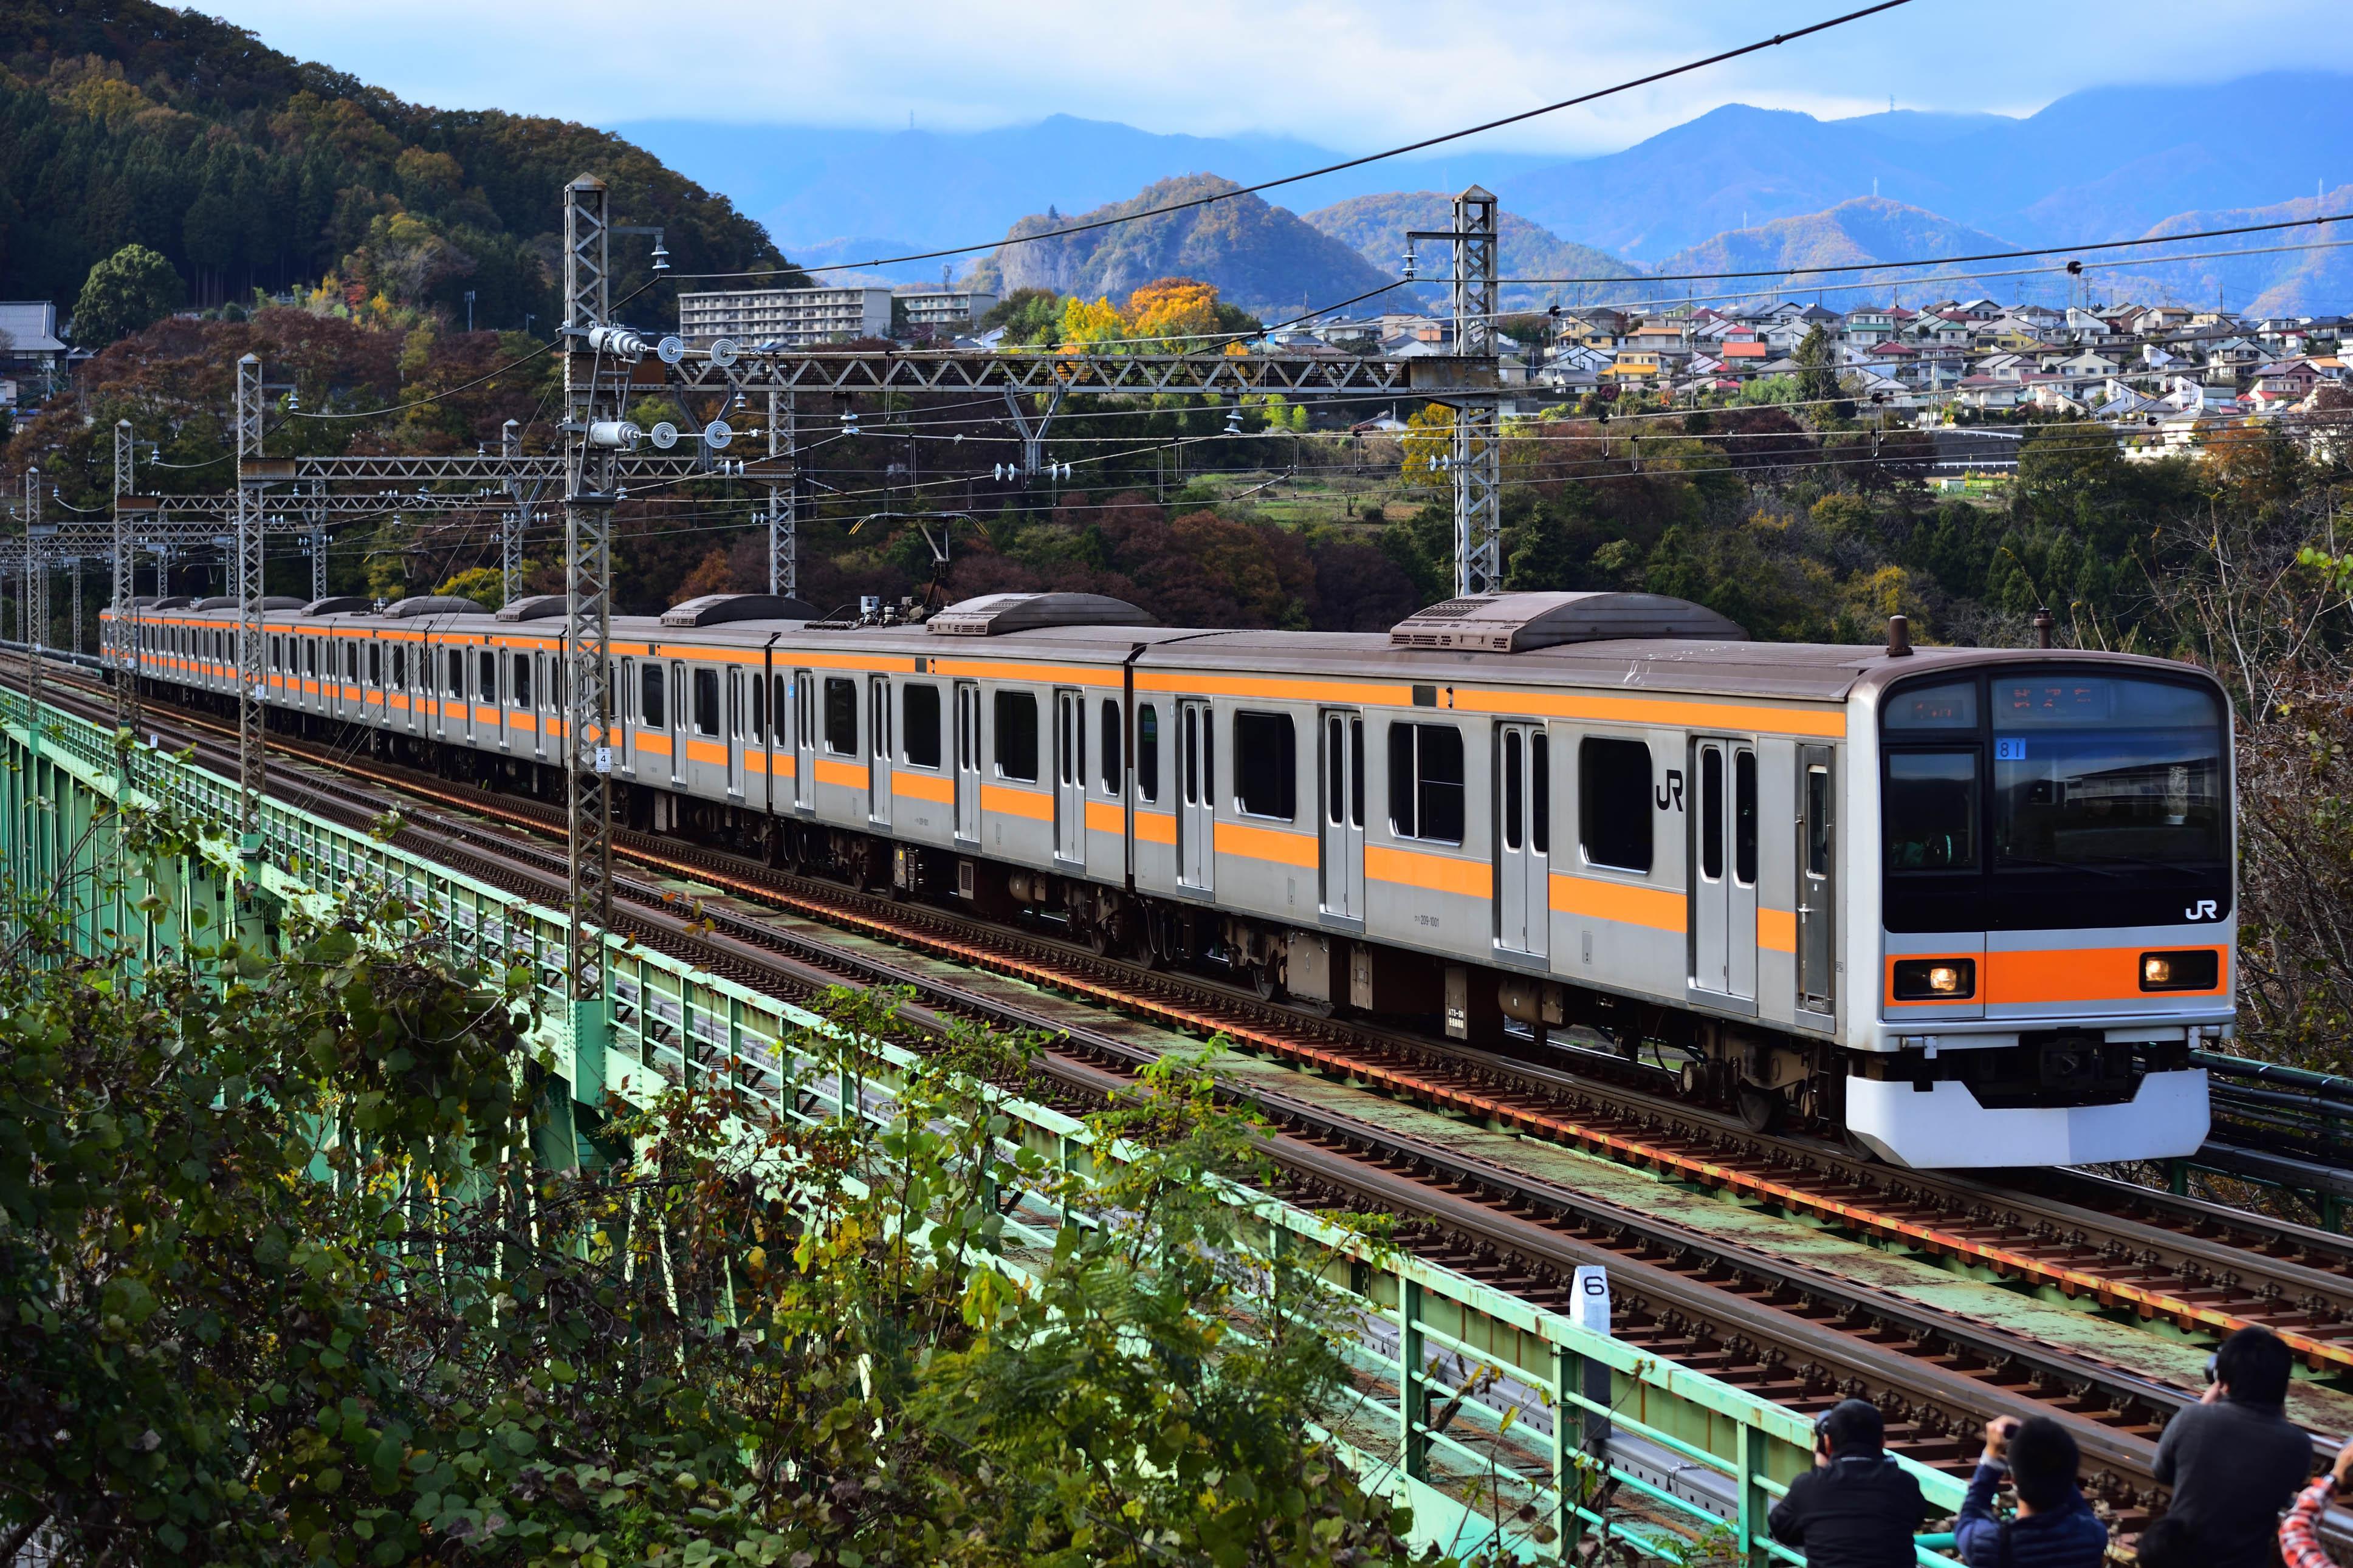 中央線 209系